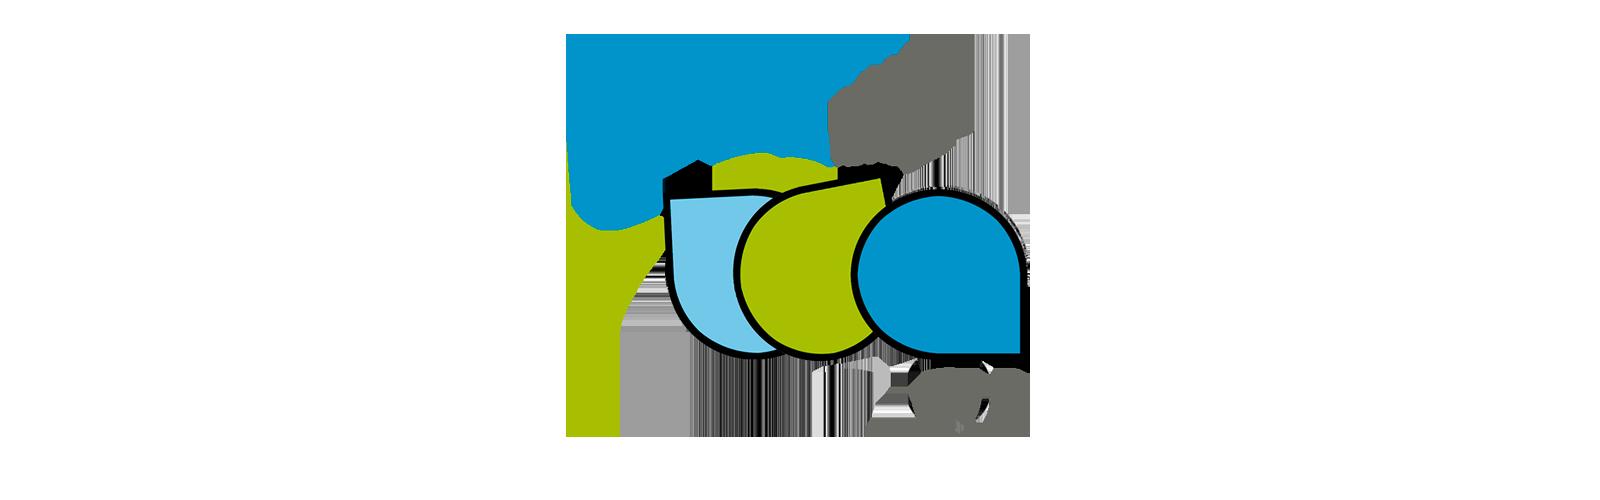 cisterboha-25-años-vertical-2